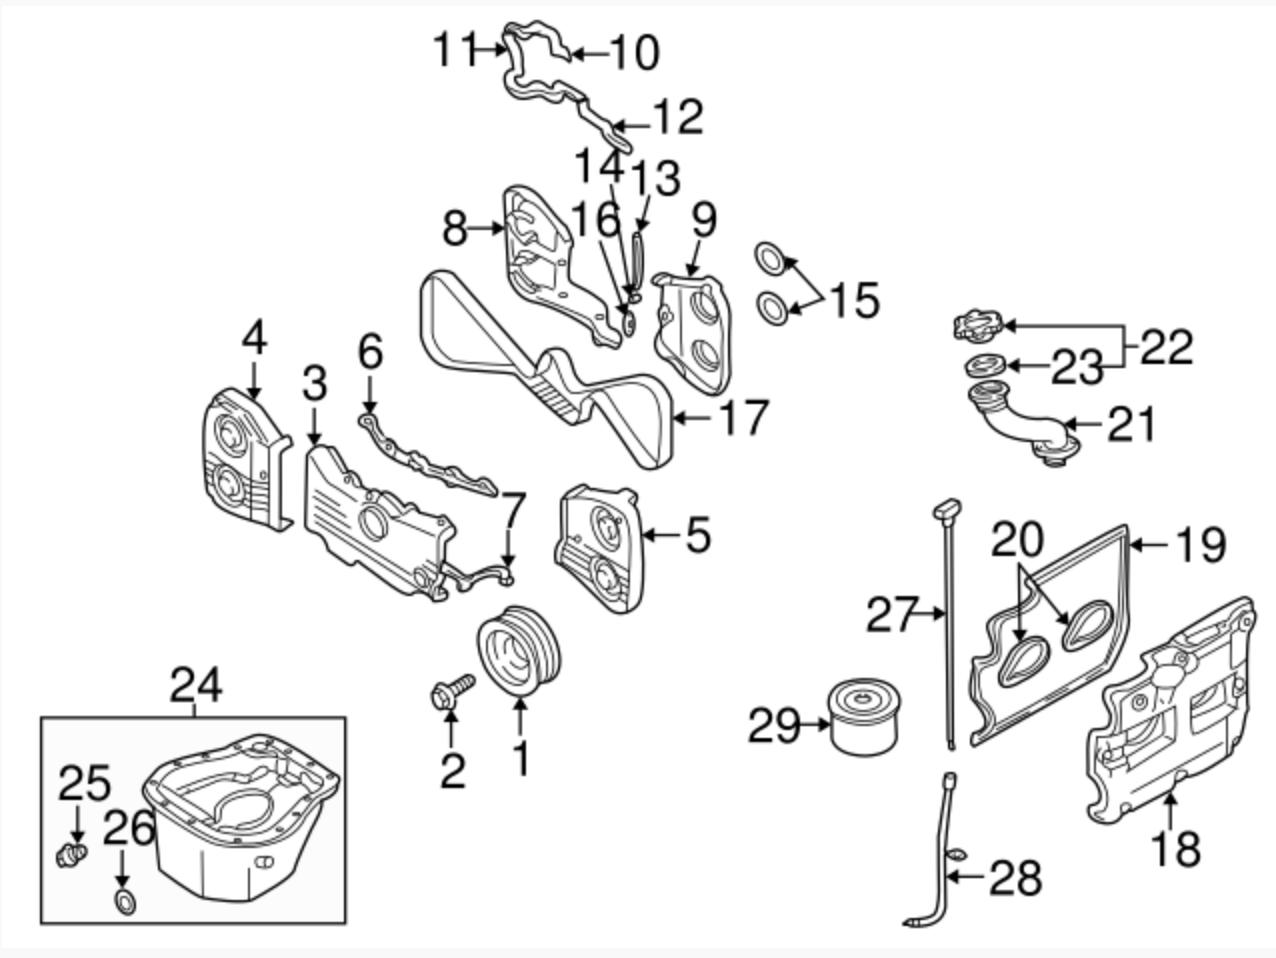 Filte Subaru Ez30d Diy Timing Chain